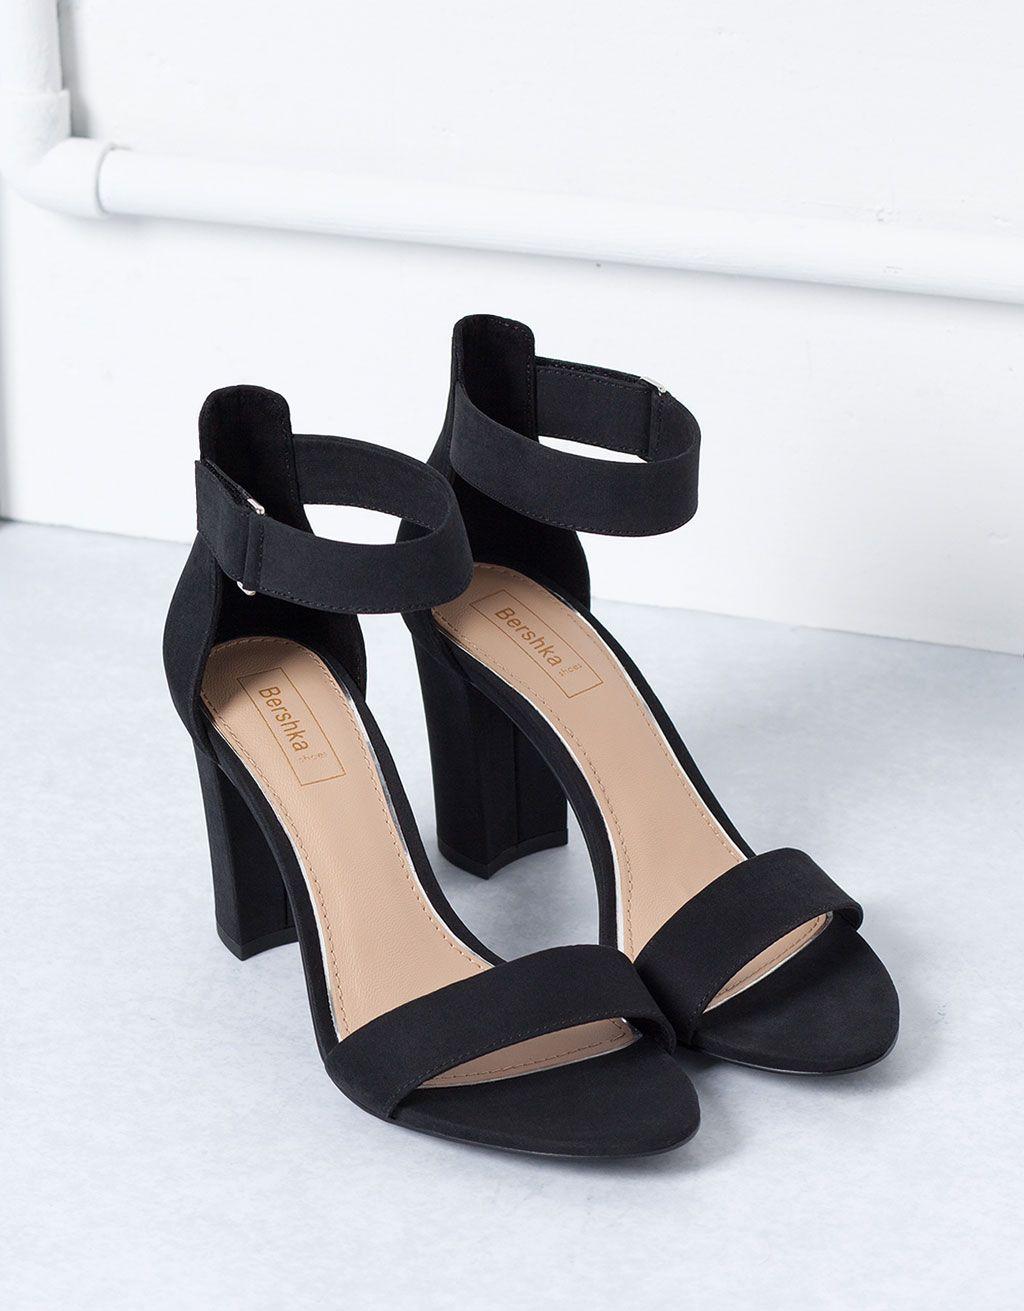 6561081a8b49 Sandały Bershka na obcasie z nadrukiem - Wszystko - Bershka Poland Black  Stiletto Heels